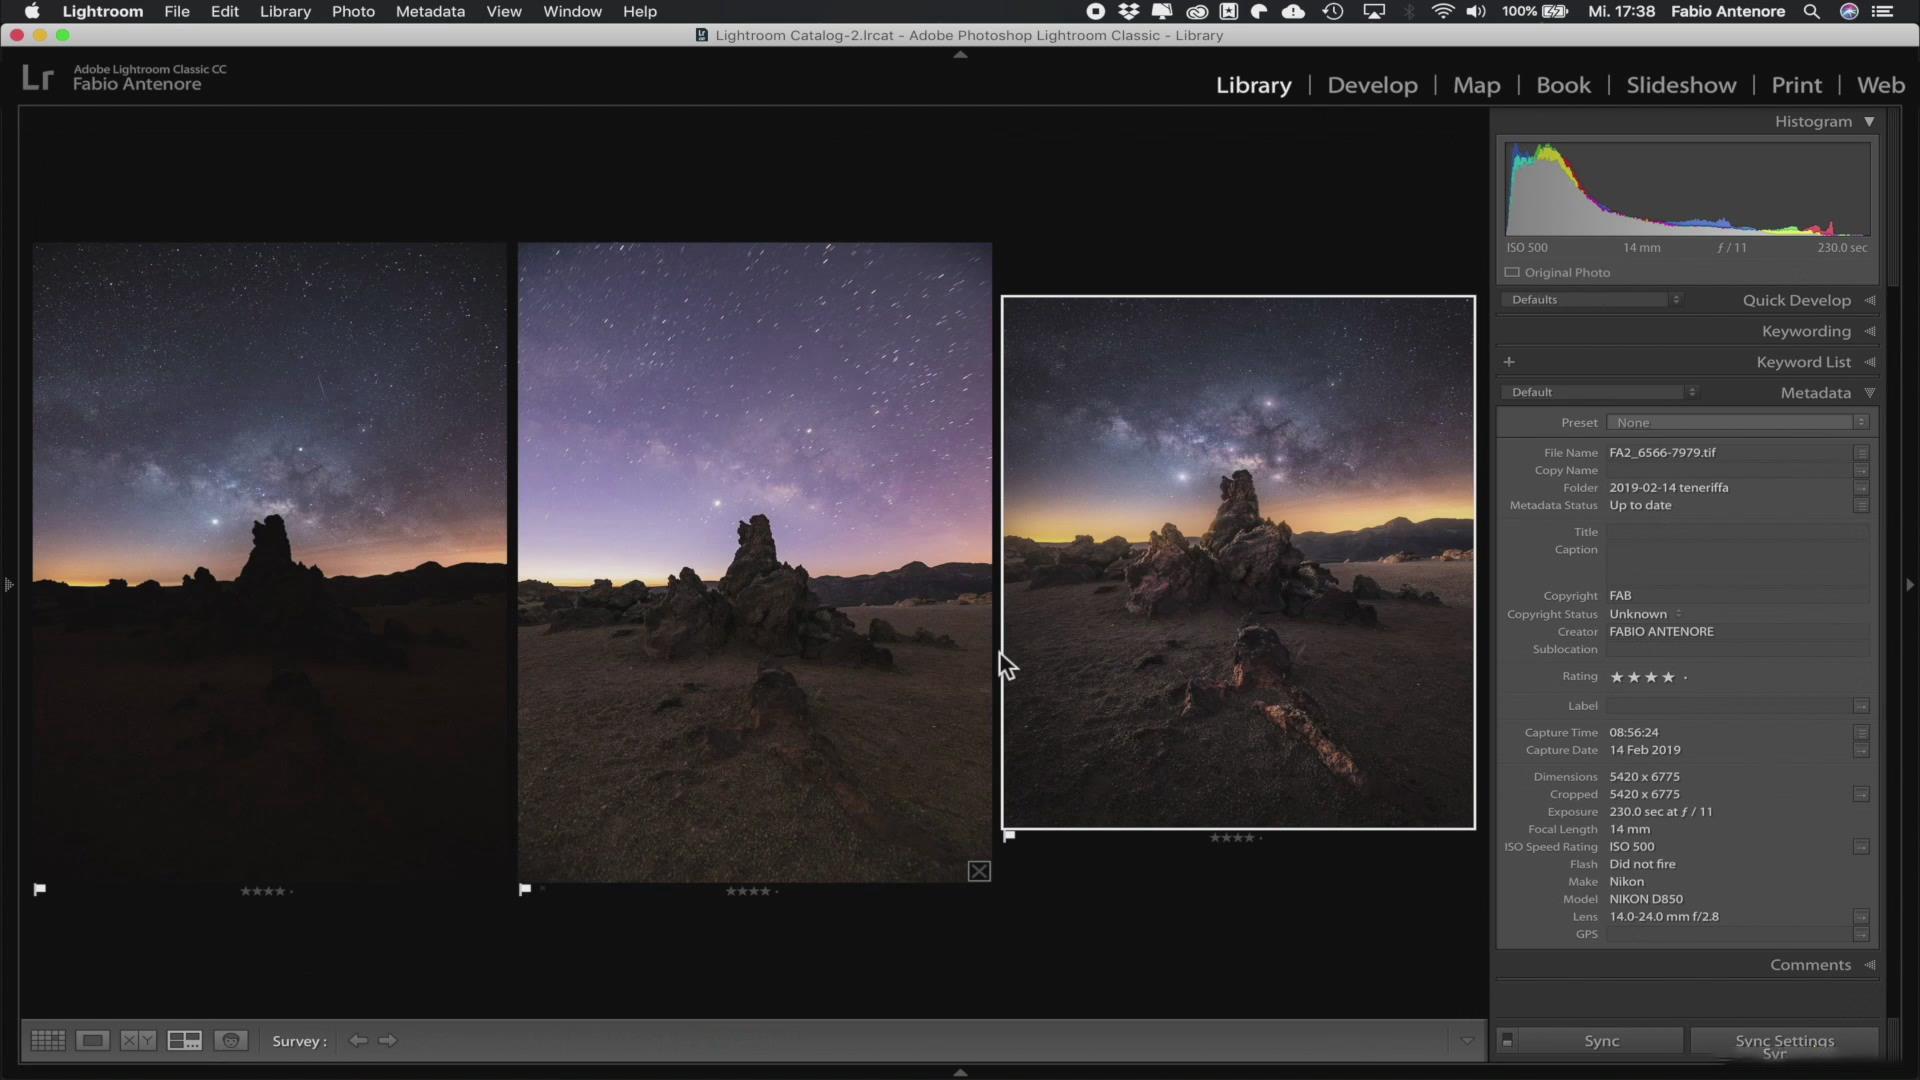 摄影教程_Fabio Antenore-超级真实银河系夜景风光摄影及后期附扩展素材-中英字幕 摄影教程 _预览图25